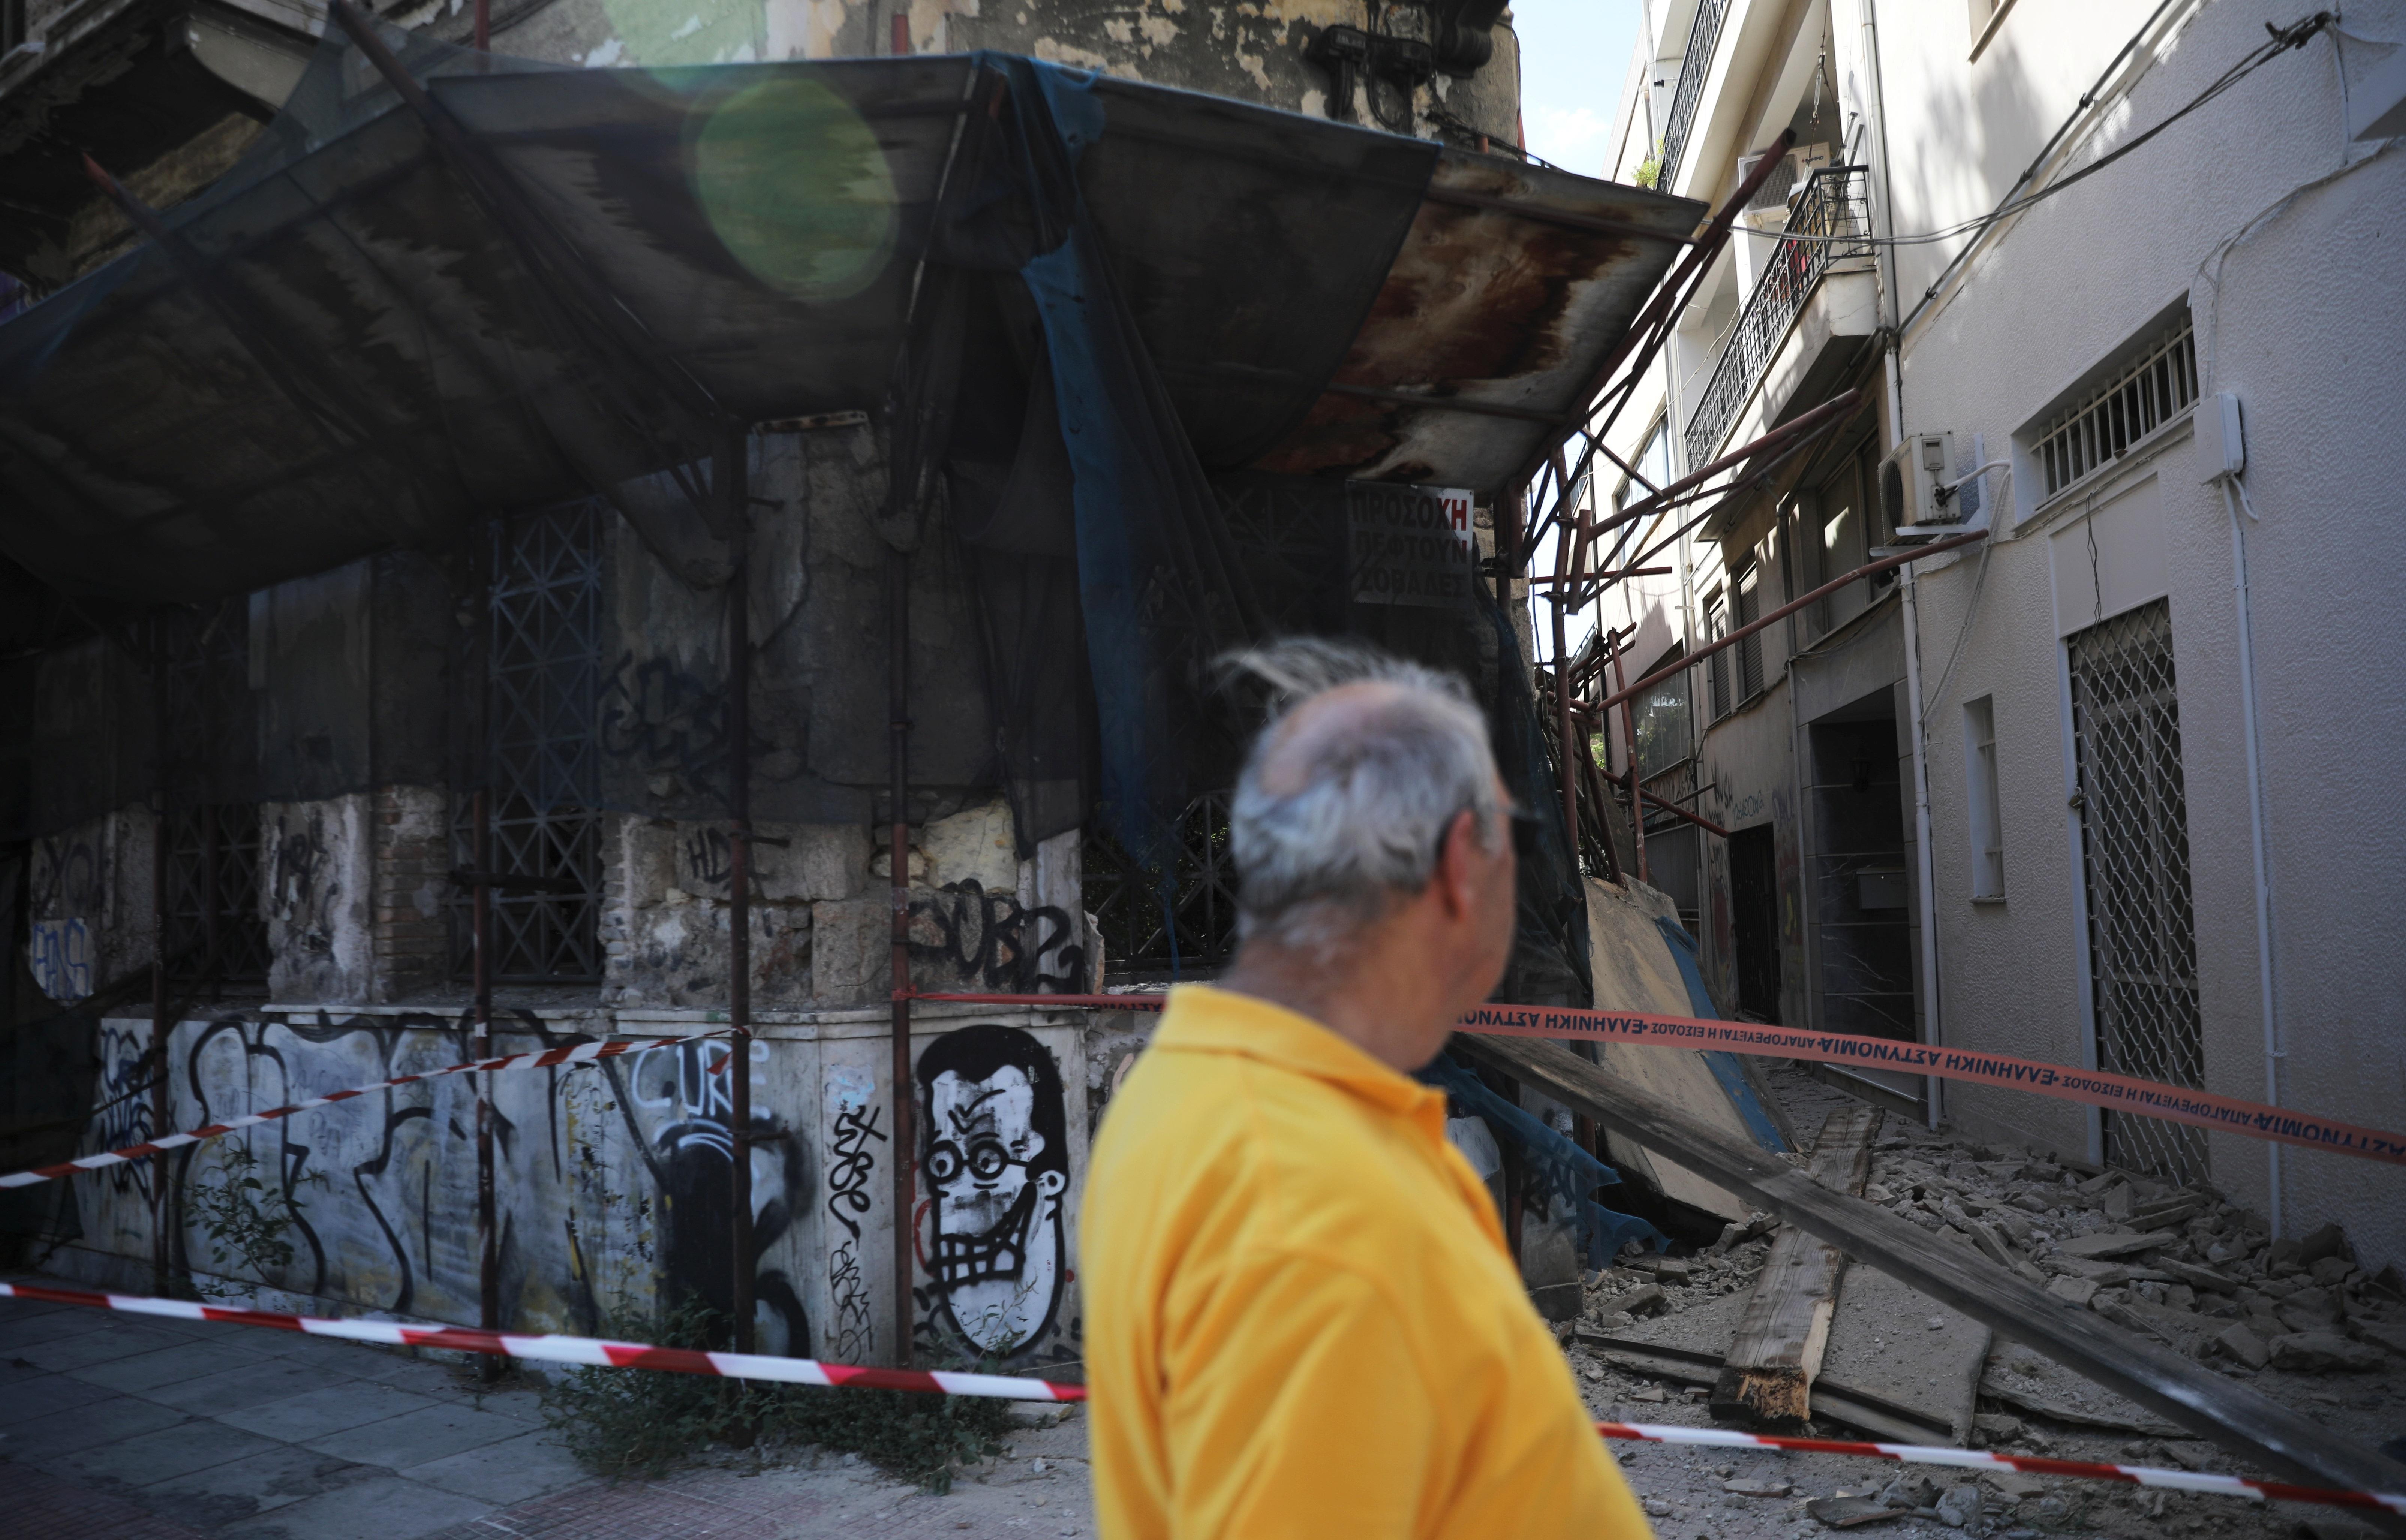 """Σεισμός στην Αθήνα: """"Ταρακουνήθηκε η πρωτεύουσα της Ελλάδας"""" λένε τα διεθνή ΜΜΕ!"""